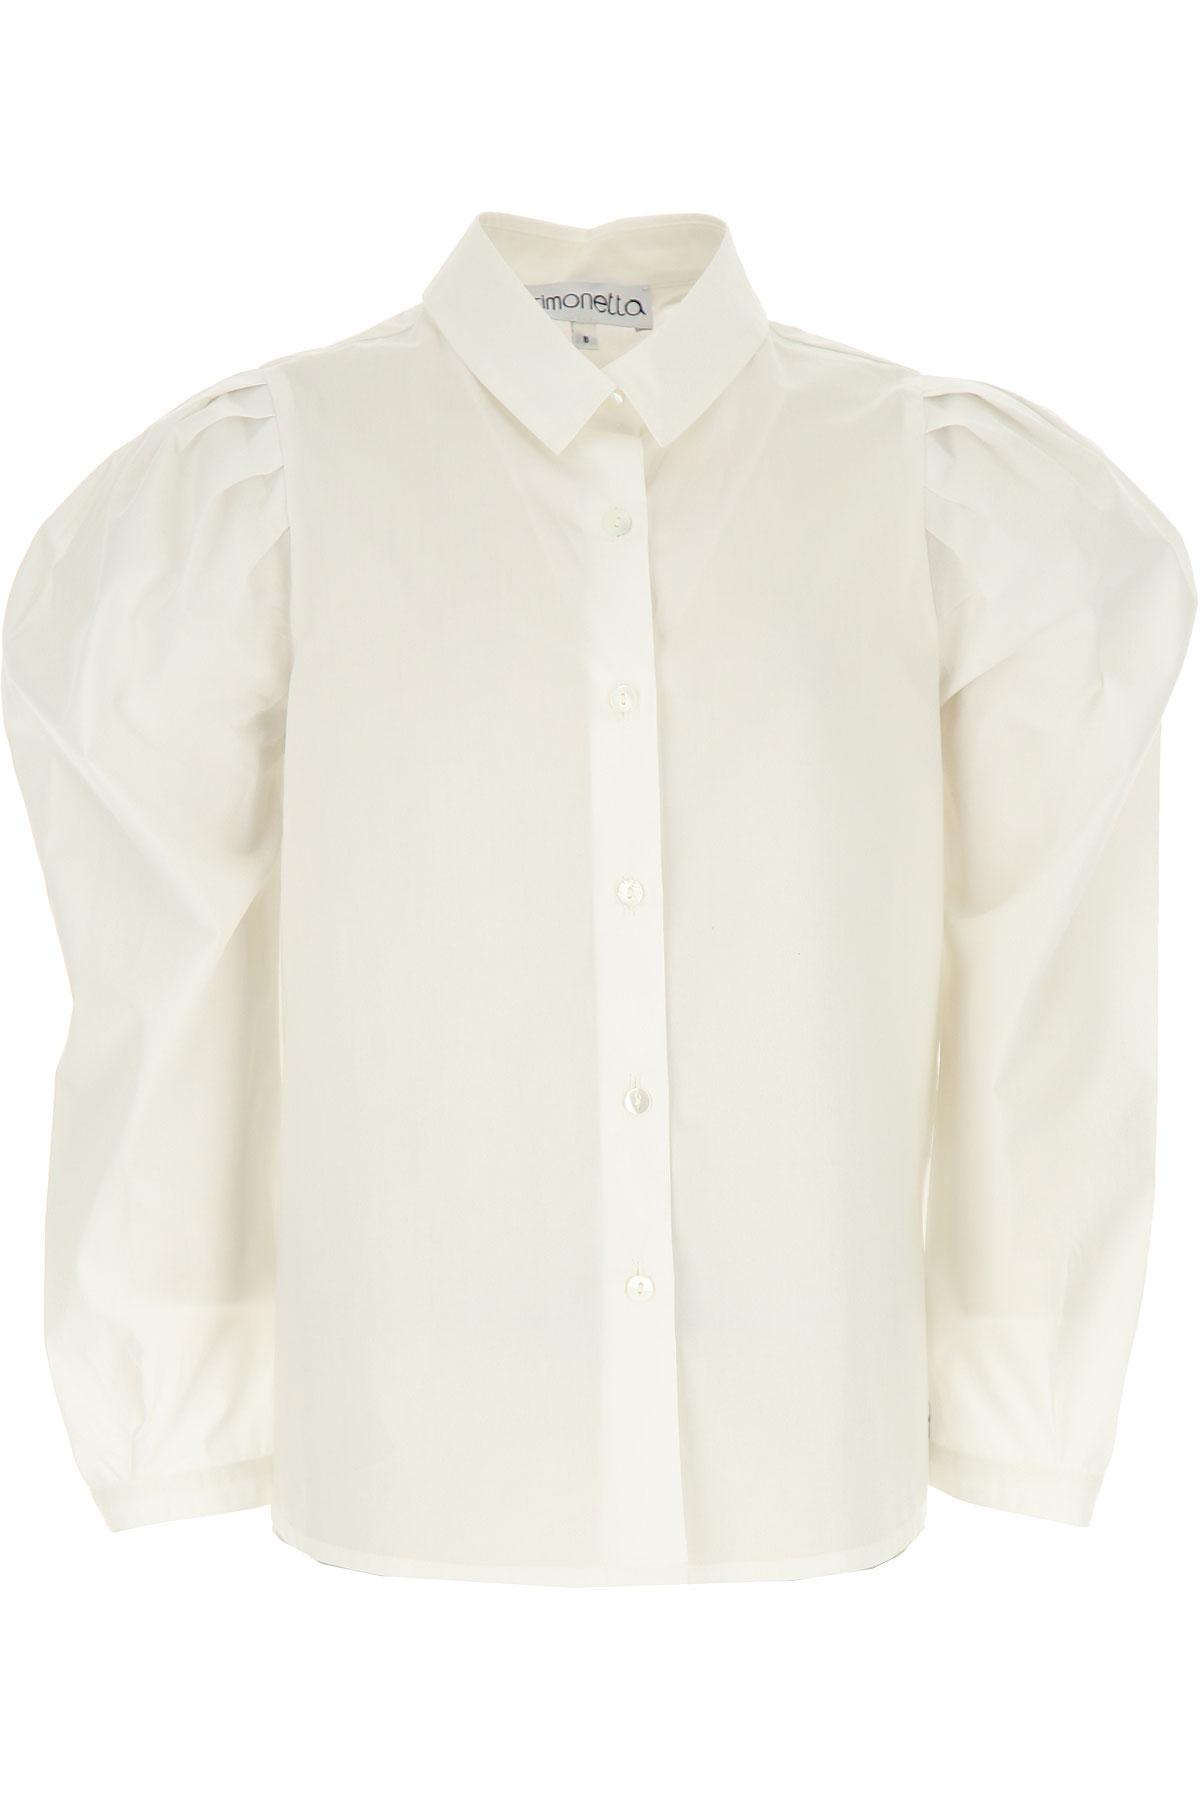 Simonetta Kids Shirts for Girls On Sale, White, Cotton, 2019, 10Y 12Y 14Y 4Y 6Y 8Y